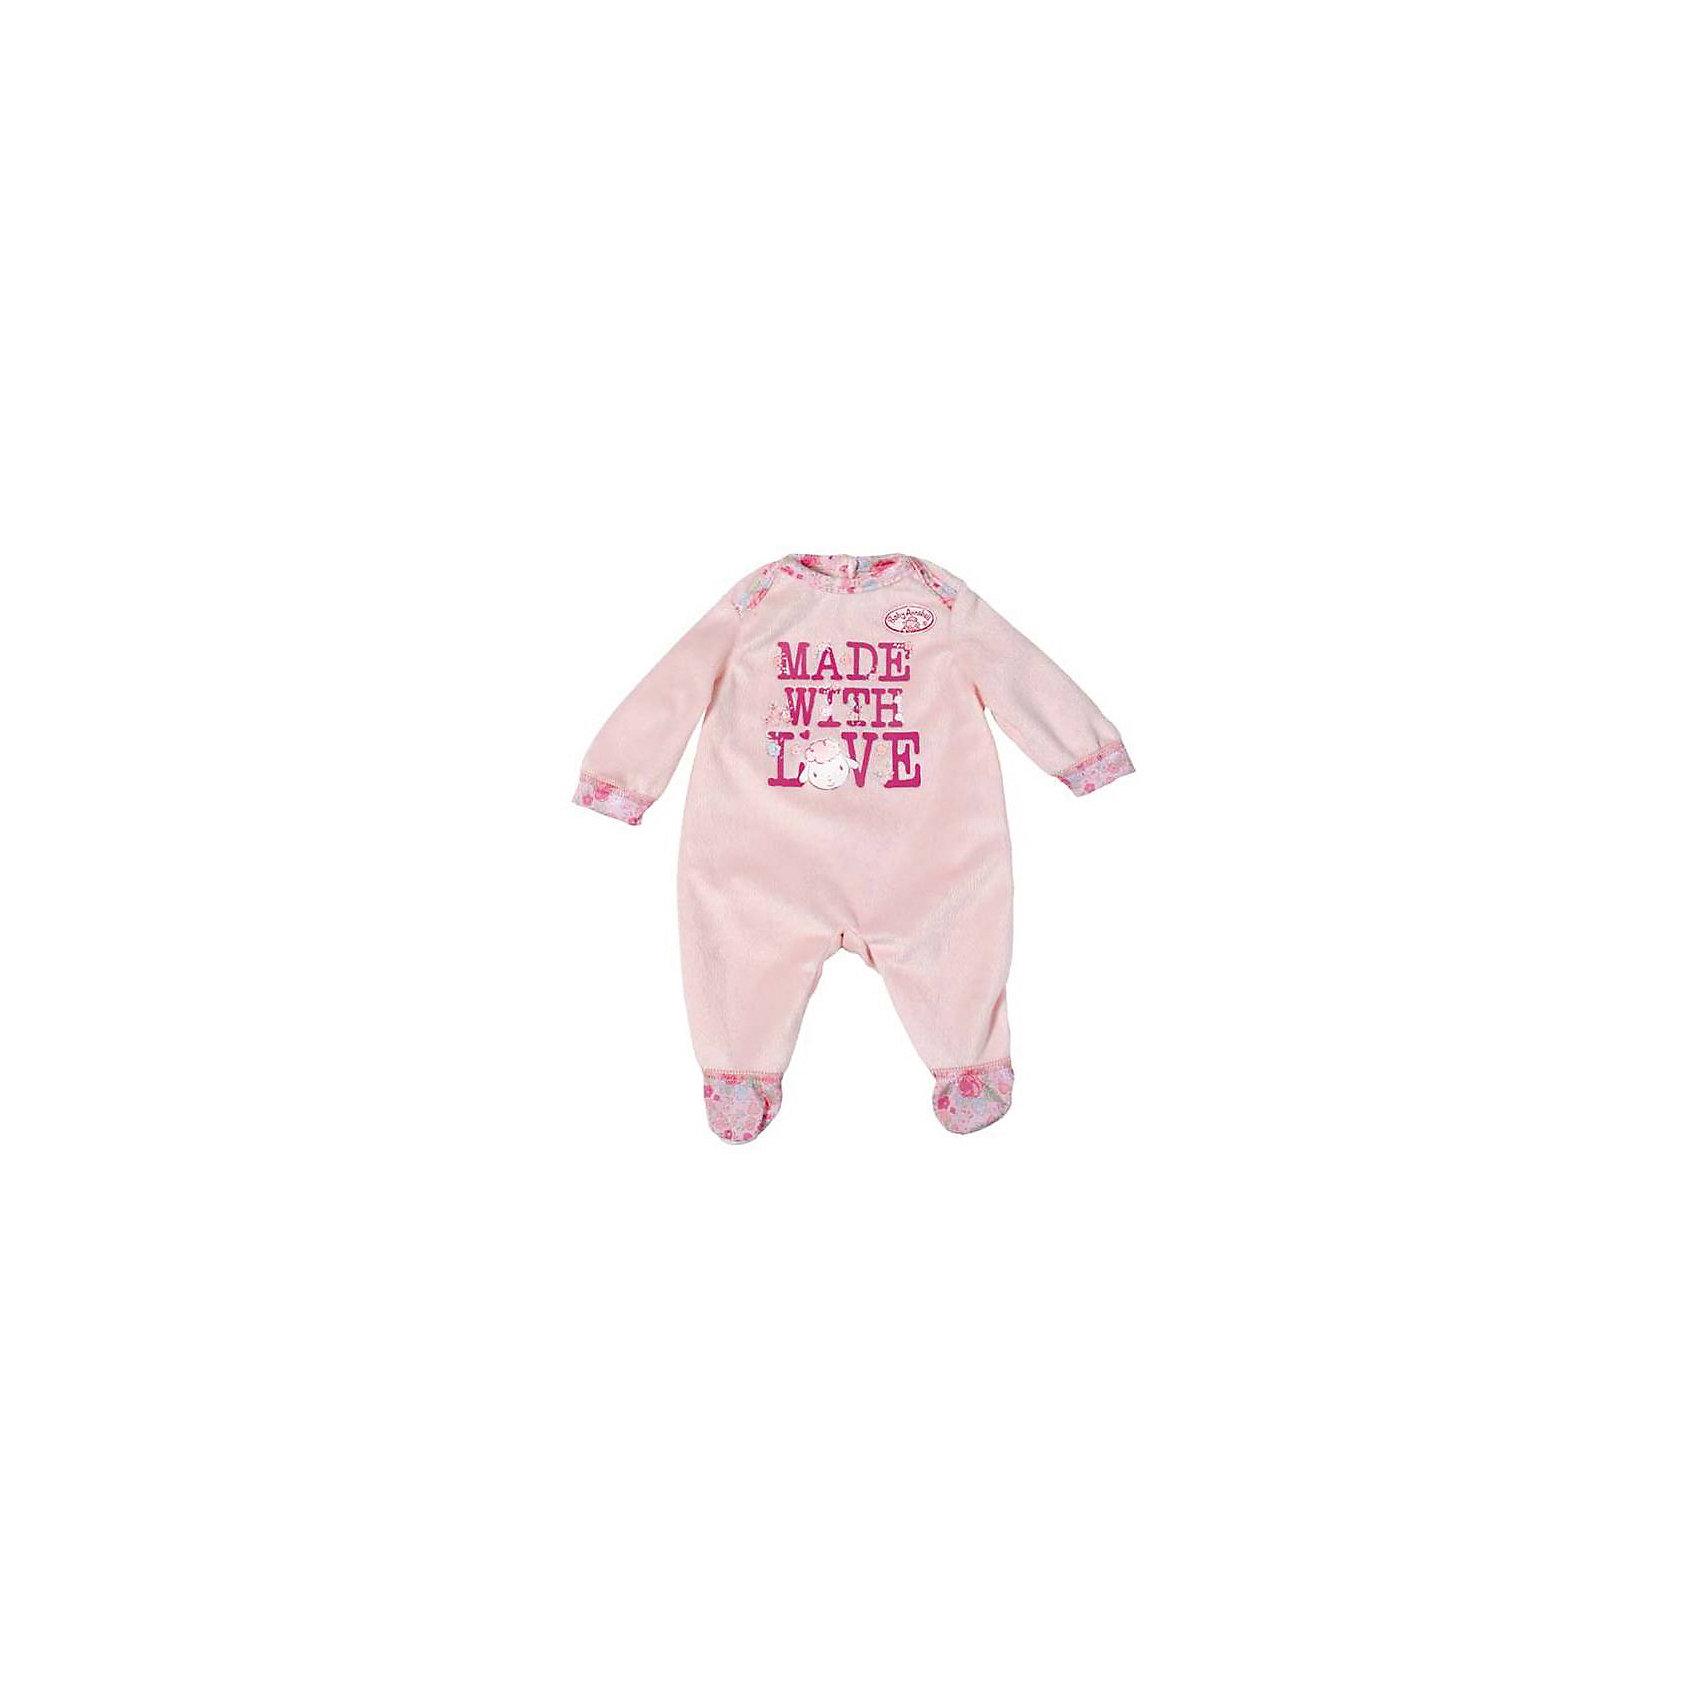 Комбинезончик, розовый с надписью, Baby AnnabellКукольная одежда и аксессуары<br>Характеристики:<br><br>• Тип одежды для куклы: комбинезон<br>• Предназначение: для сюжетно-ролевых игр<br>• Для куклы: BABY Annabell<br>• Рост куклы/пупса: от 46 см<br>• Тематика рисунка: барашек<br>• Материал: текстиль <br>• Декор аппликацией<br>• Застежка: липучка на спинке<br>• В комплекте предусмотрена вешалка<br>• Вес: 124 г<br>• Размеры упаковки (Д*В*Ш): 20*23*3 см<br>• Упаковка: блистер <br>• Особенности ухода: допускается деликатная стирка без использования красящих и отбеливающих средств <br><br>Комбинезончик, розовый с надписью, Baby Annabell от немецкого производителя Zapf Creation предназначено для кукол и пупсов серии BABY Annabell. Выполнен из текстиля высокого качества, который устойчив к изменению цвета и формы. У комбинезончика предусмотрены длинные рукава с манжетами и закрытые штанишки. Сзади на спинке и на плечике предусмотрены застежки на липучках, благодаря чему легко и удобно будет переодевать куклу. <br><br>Изделие декорировано изображением милой овечки и брендовой надписью. Комбинезон для куклы выполнен с детальным соответствием реальным детским вещам. Сюжетно-ролевые игры с переодеванием кукол способствуют не только приобретению навыков комбинирования предметов гардероба, но и формированию чувства стиля и вкуса у девочки. <br><br>Комбинезончик, розовый с надписью, Baby Annabell можно купить в нашем интернет-магазине.<br><br>Ширина мм: 200<br>Глубина мм: 230<br>Высота мм: 30<br>Вес г: 124<br>Возраст от месяцев: 36<br>Возраст до месяцев: 144<br>Пол: Женский<br>Возраст: Детский<br>SKU: 5377580